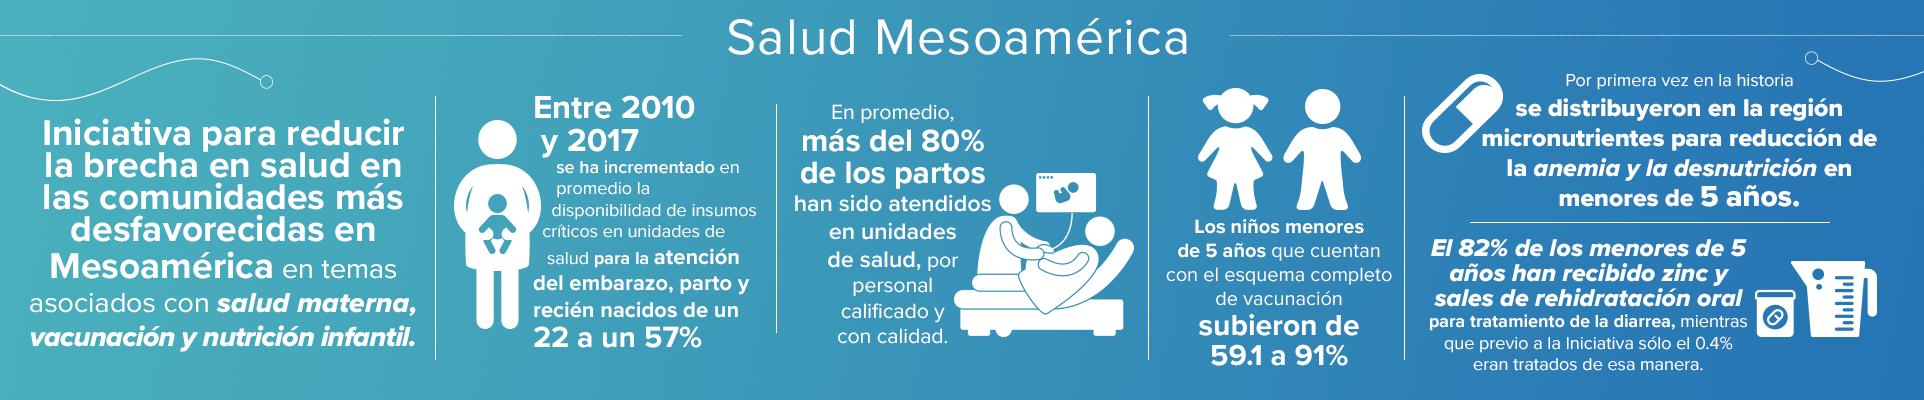 Salud Mesoamérica